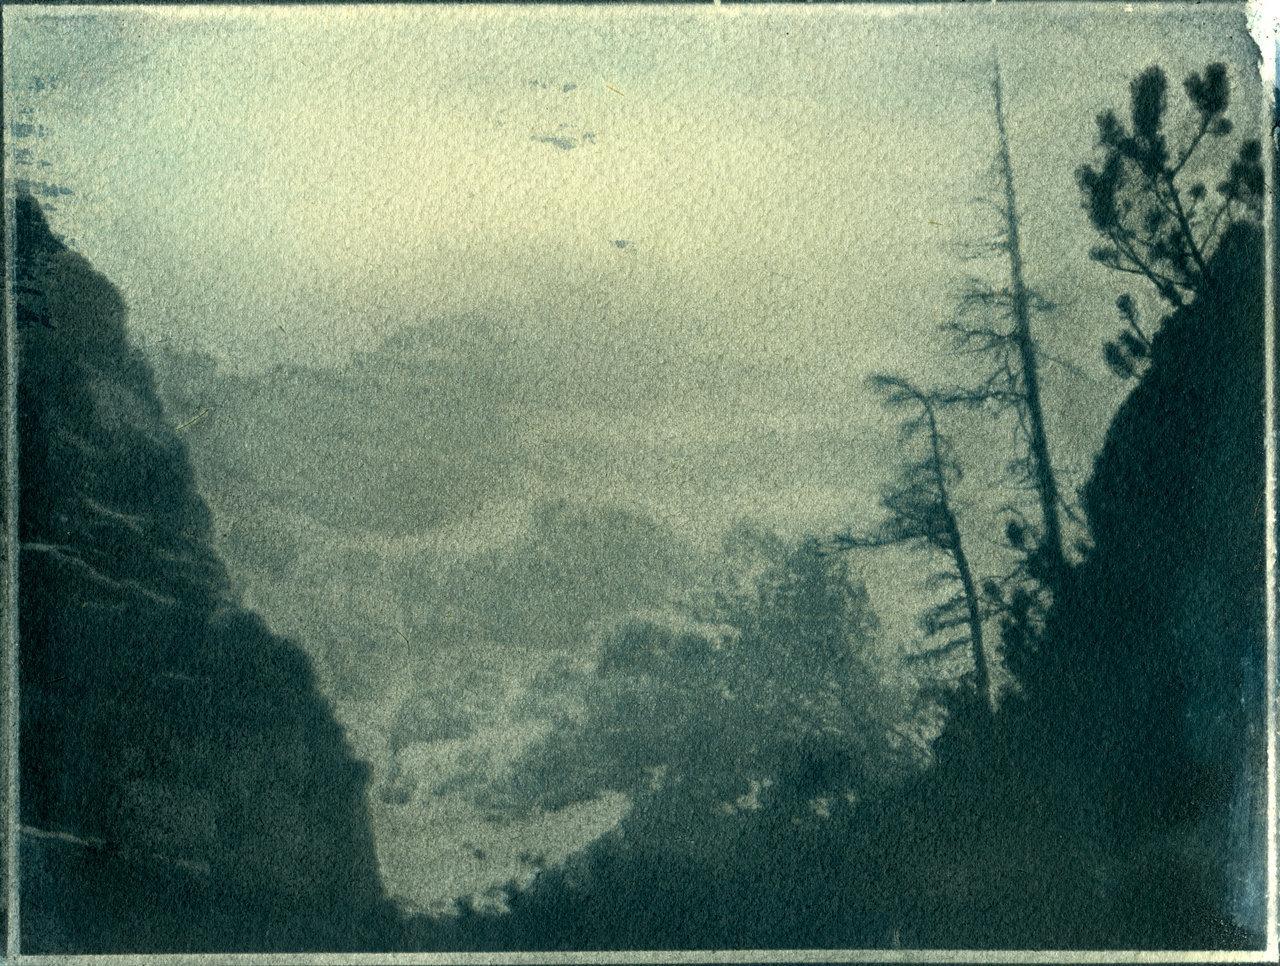 Val-delle-Seghe-view-1280p.jpg